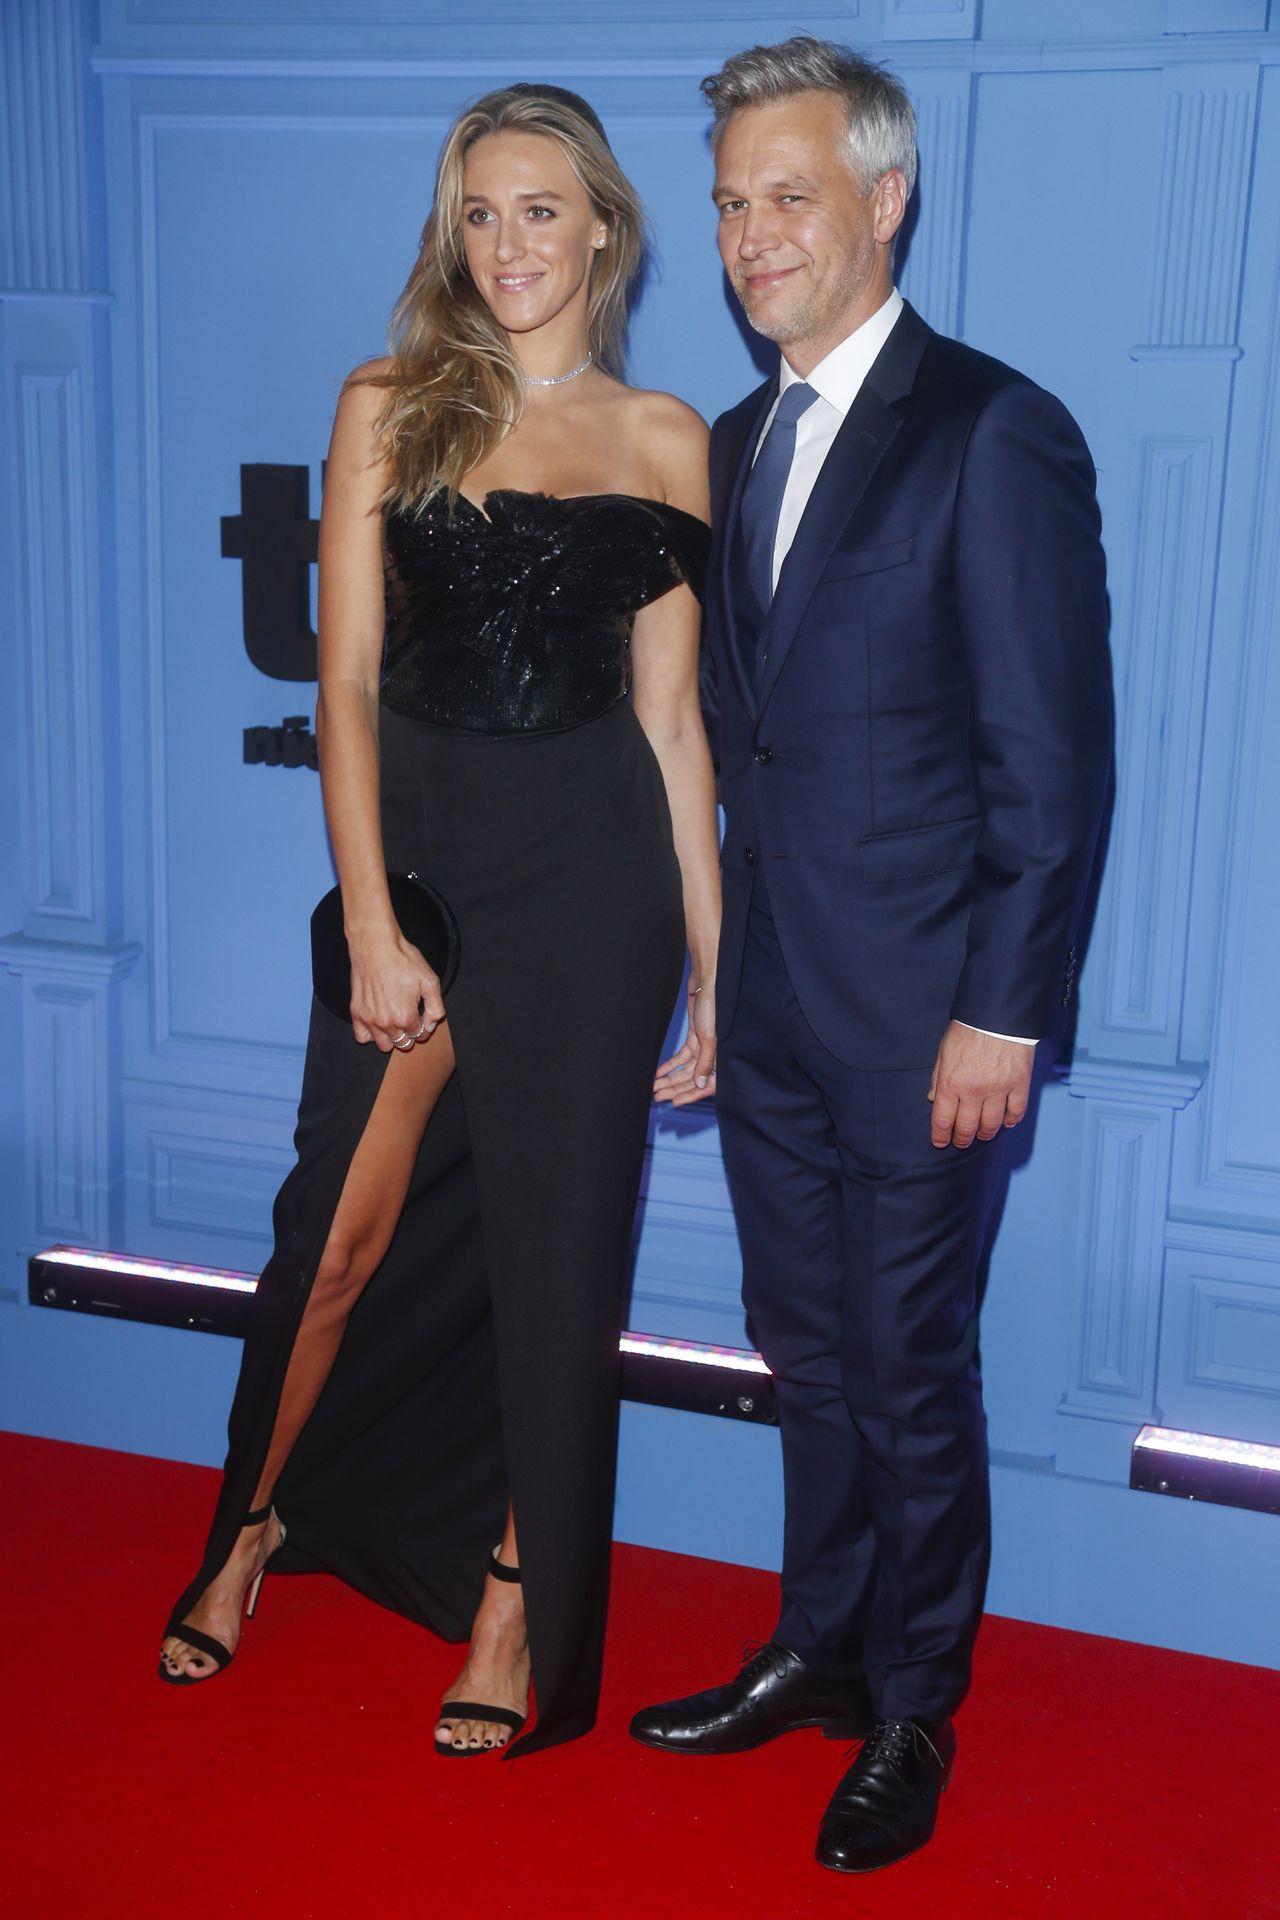 Elegancki Michał Żebrowski z żoną Aleksandra Żebrowska na czerwonym dywanie.